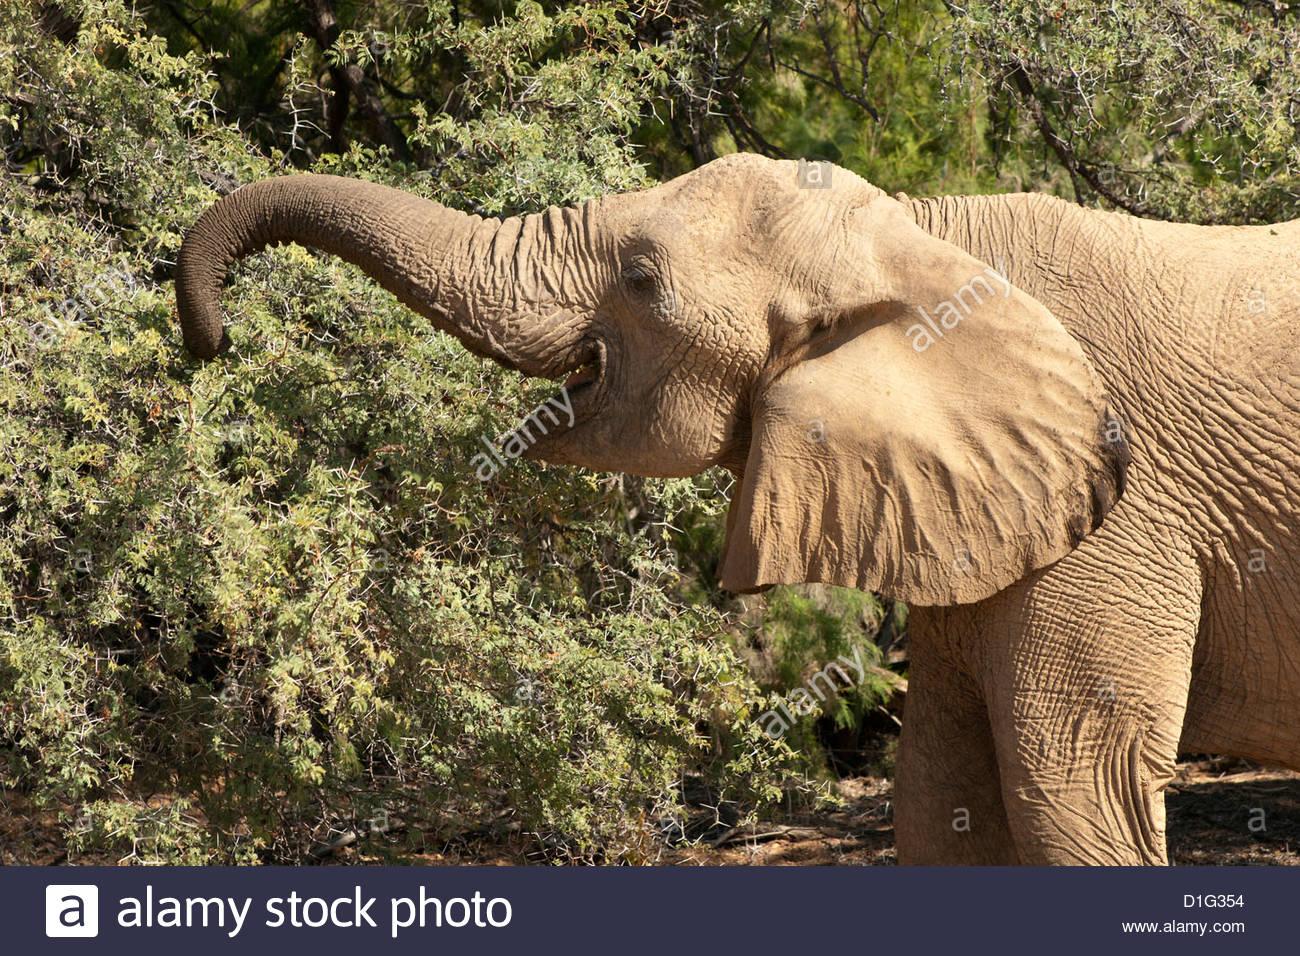 Desert elephant (Loxodonta africana), endémique à la Namibie, adaptés au désert et dans les Photo Stock